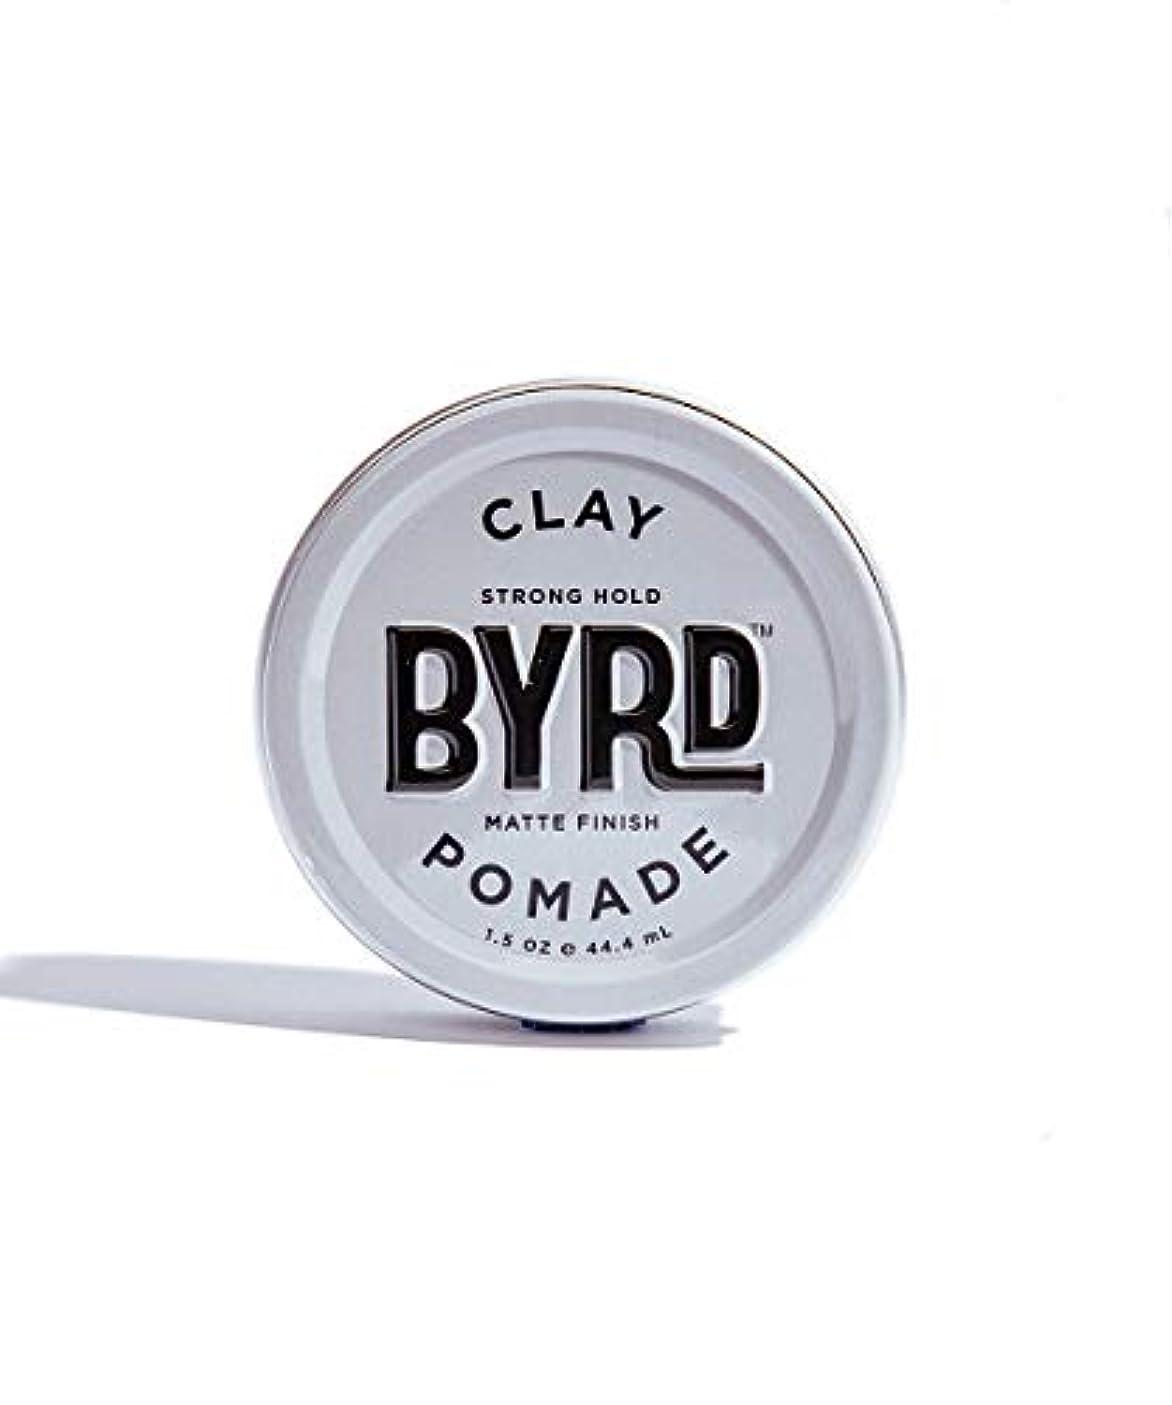 代表して心理学イルBYRD/クレイポマード 42g メンズコスメ ワックス ヘアスタイリング かっこいい モテ髪